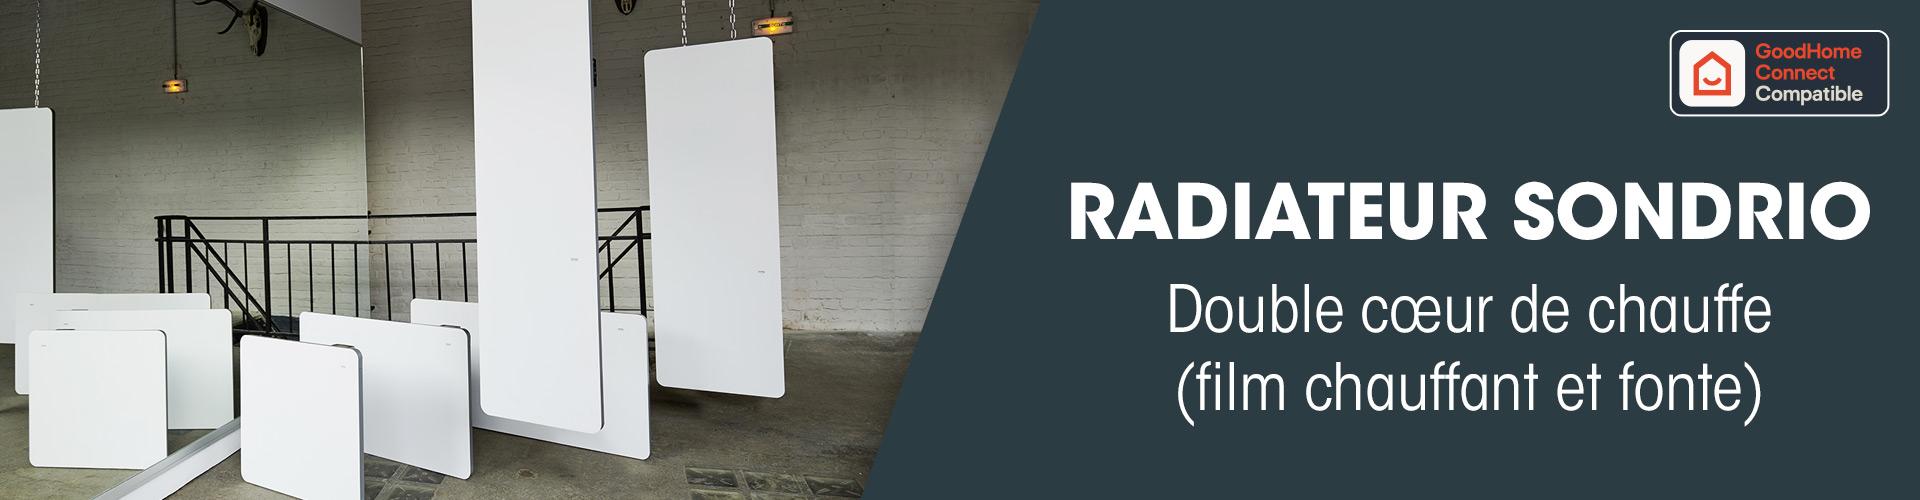 Radiateur Sondrio